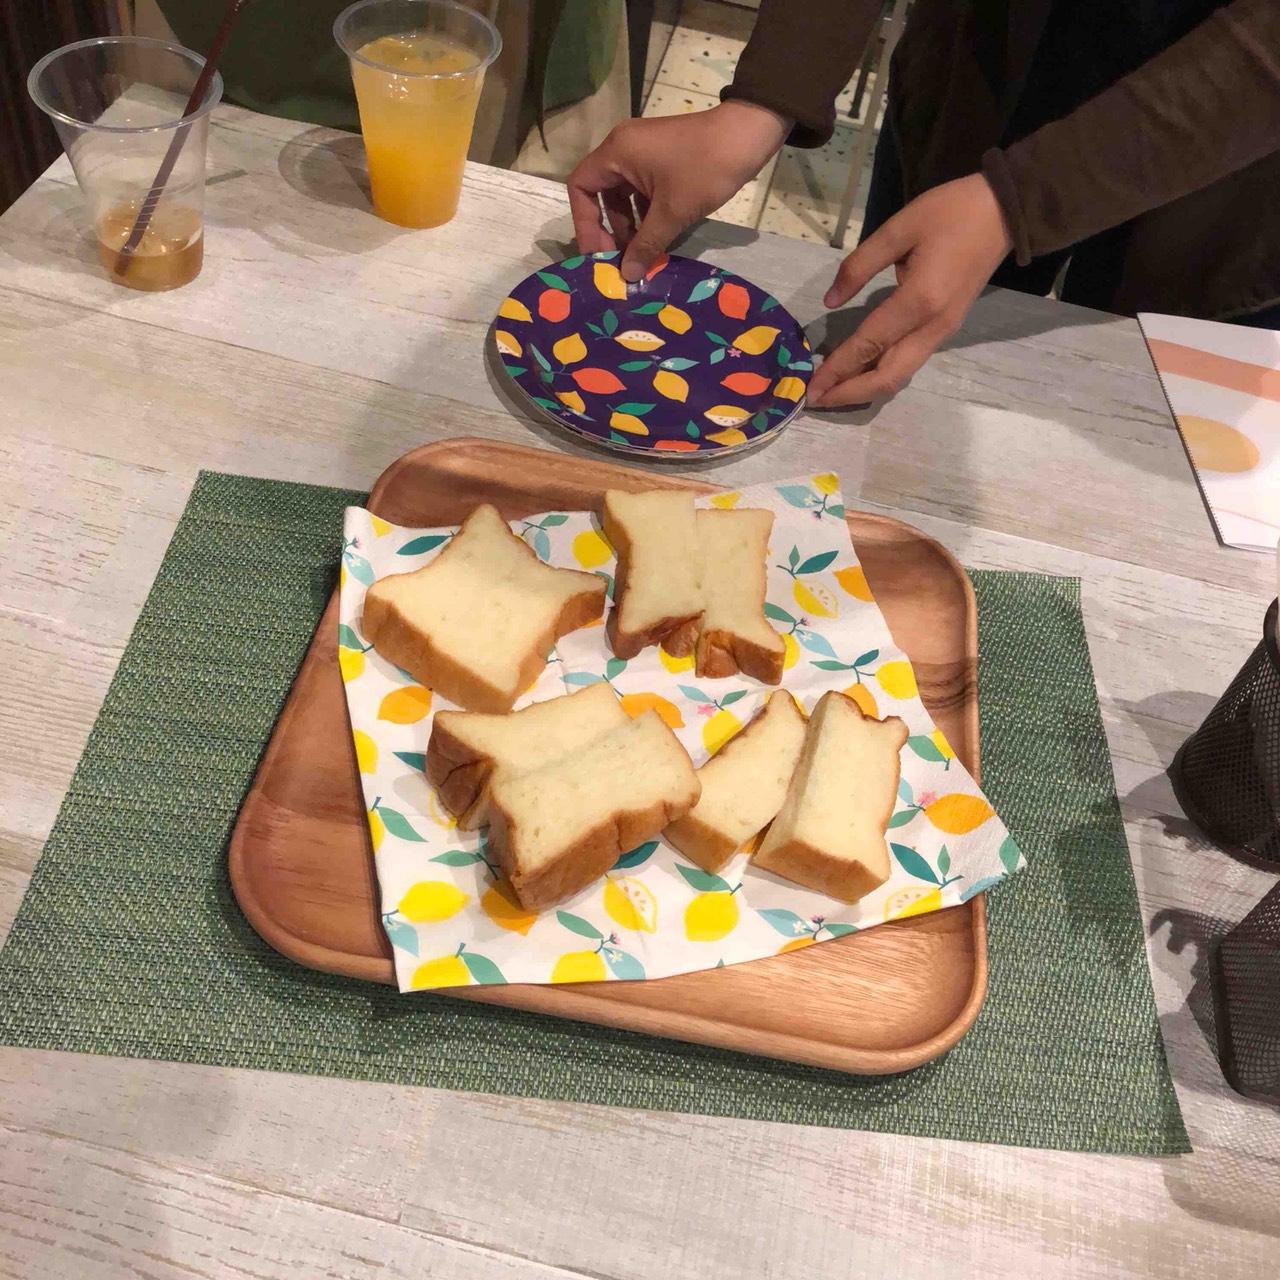 【地獄オフ会】食パンオフ会の感想一挙公開